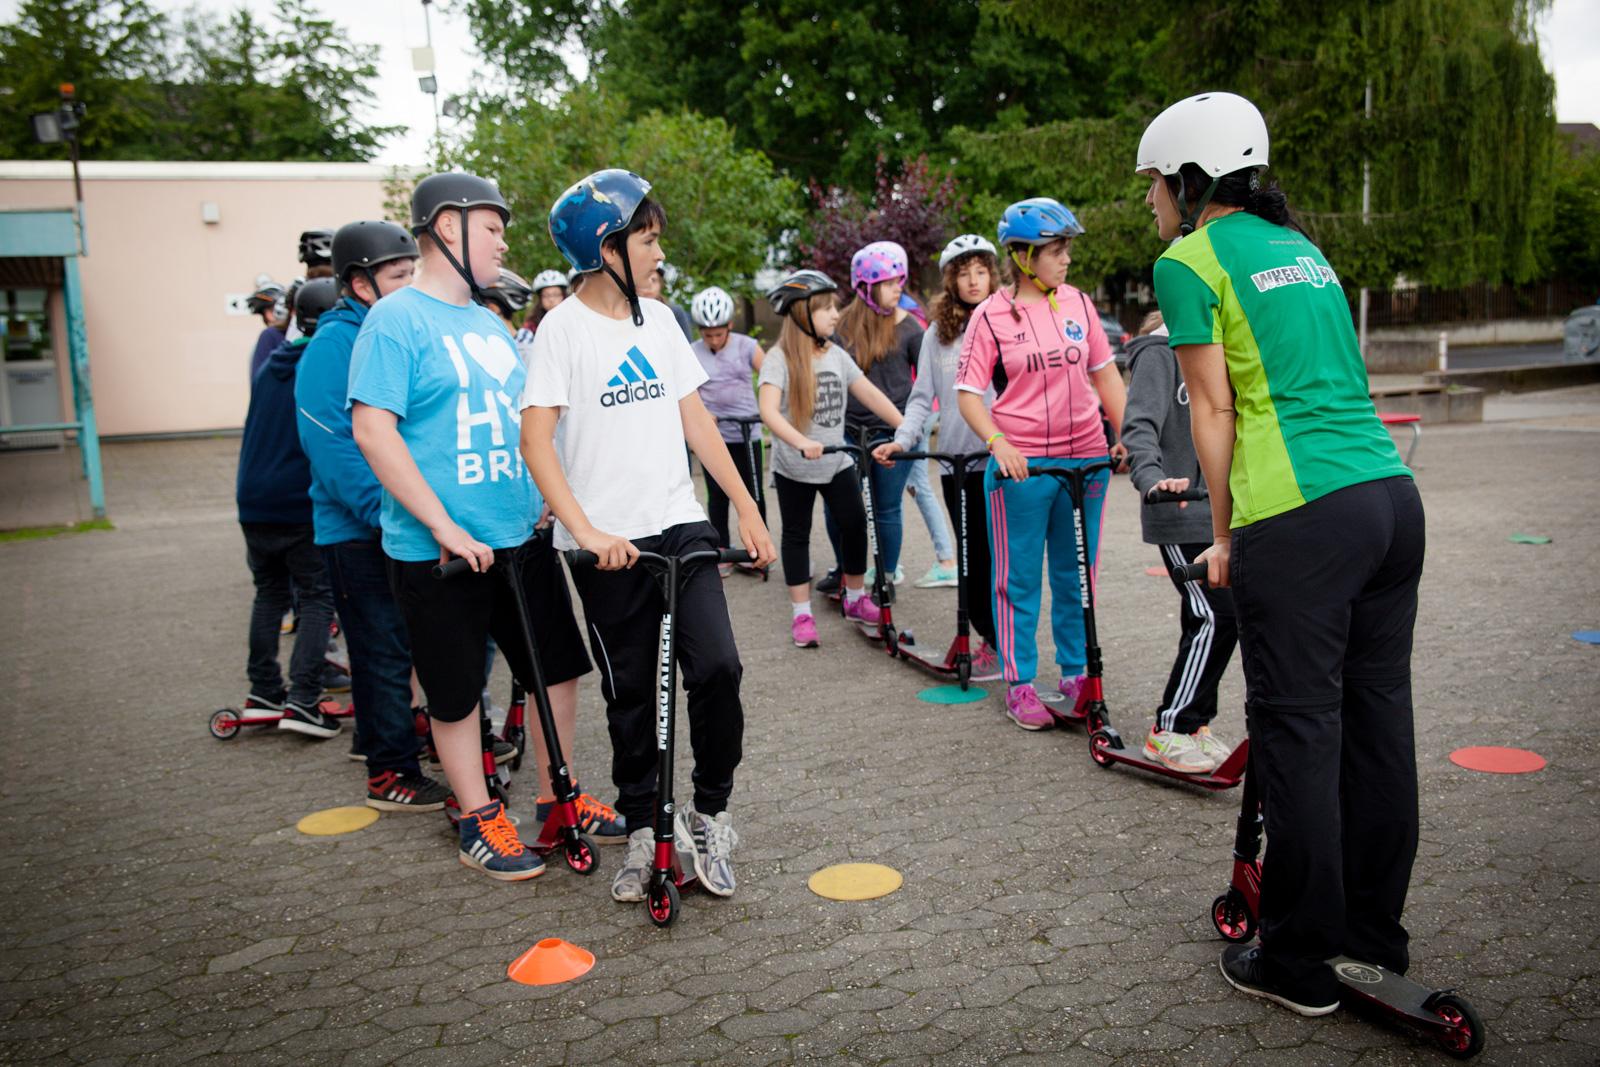 Schüler stehen mit ihren Wheelup Scootern in zwei Reihen und bekommen Anweisung von einer Trainerin